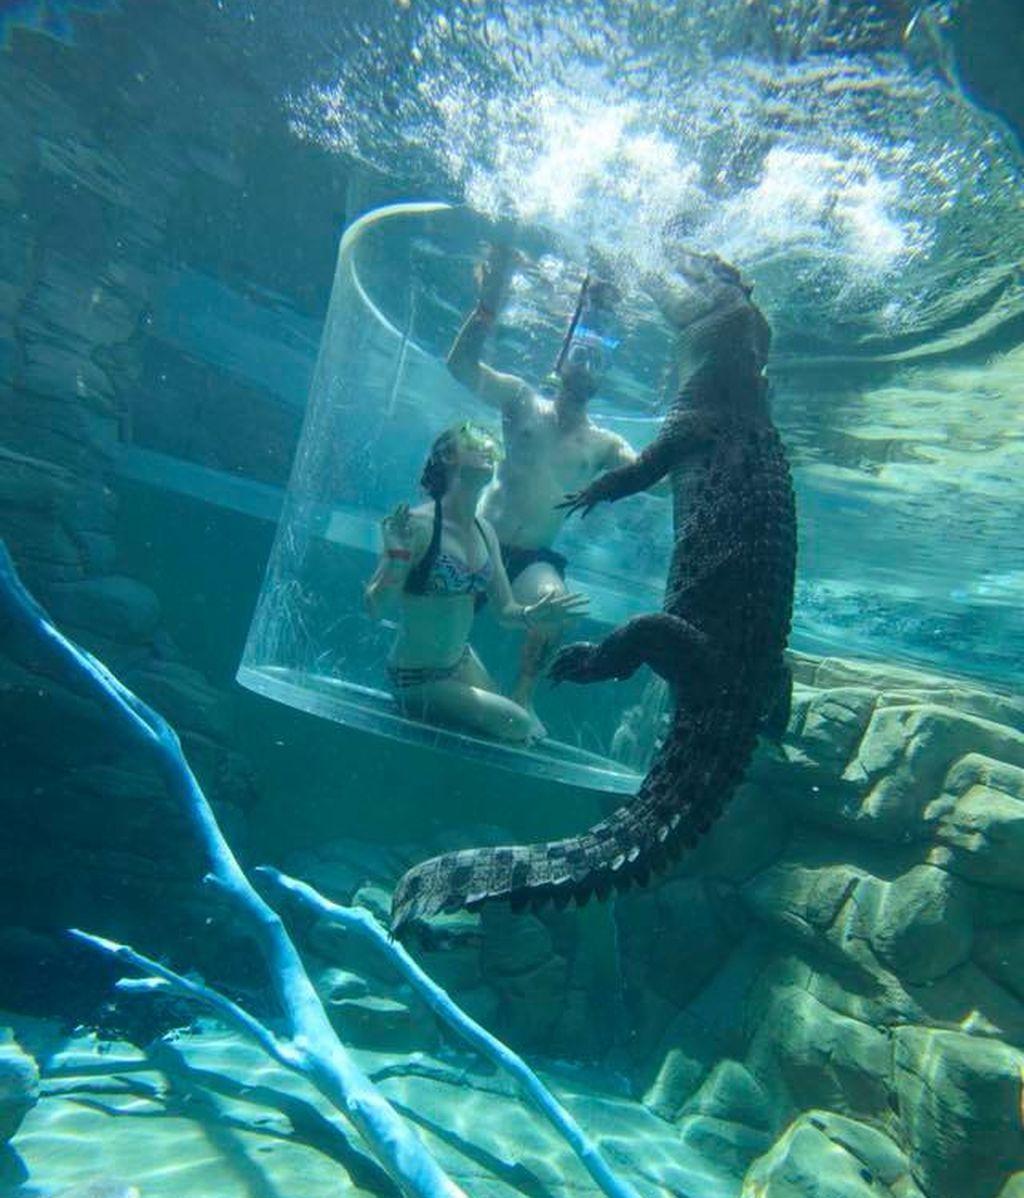 Dentro del agua pareja